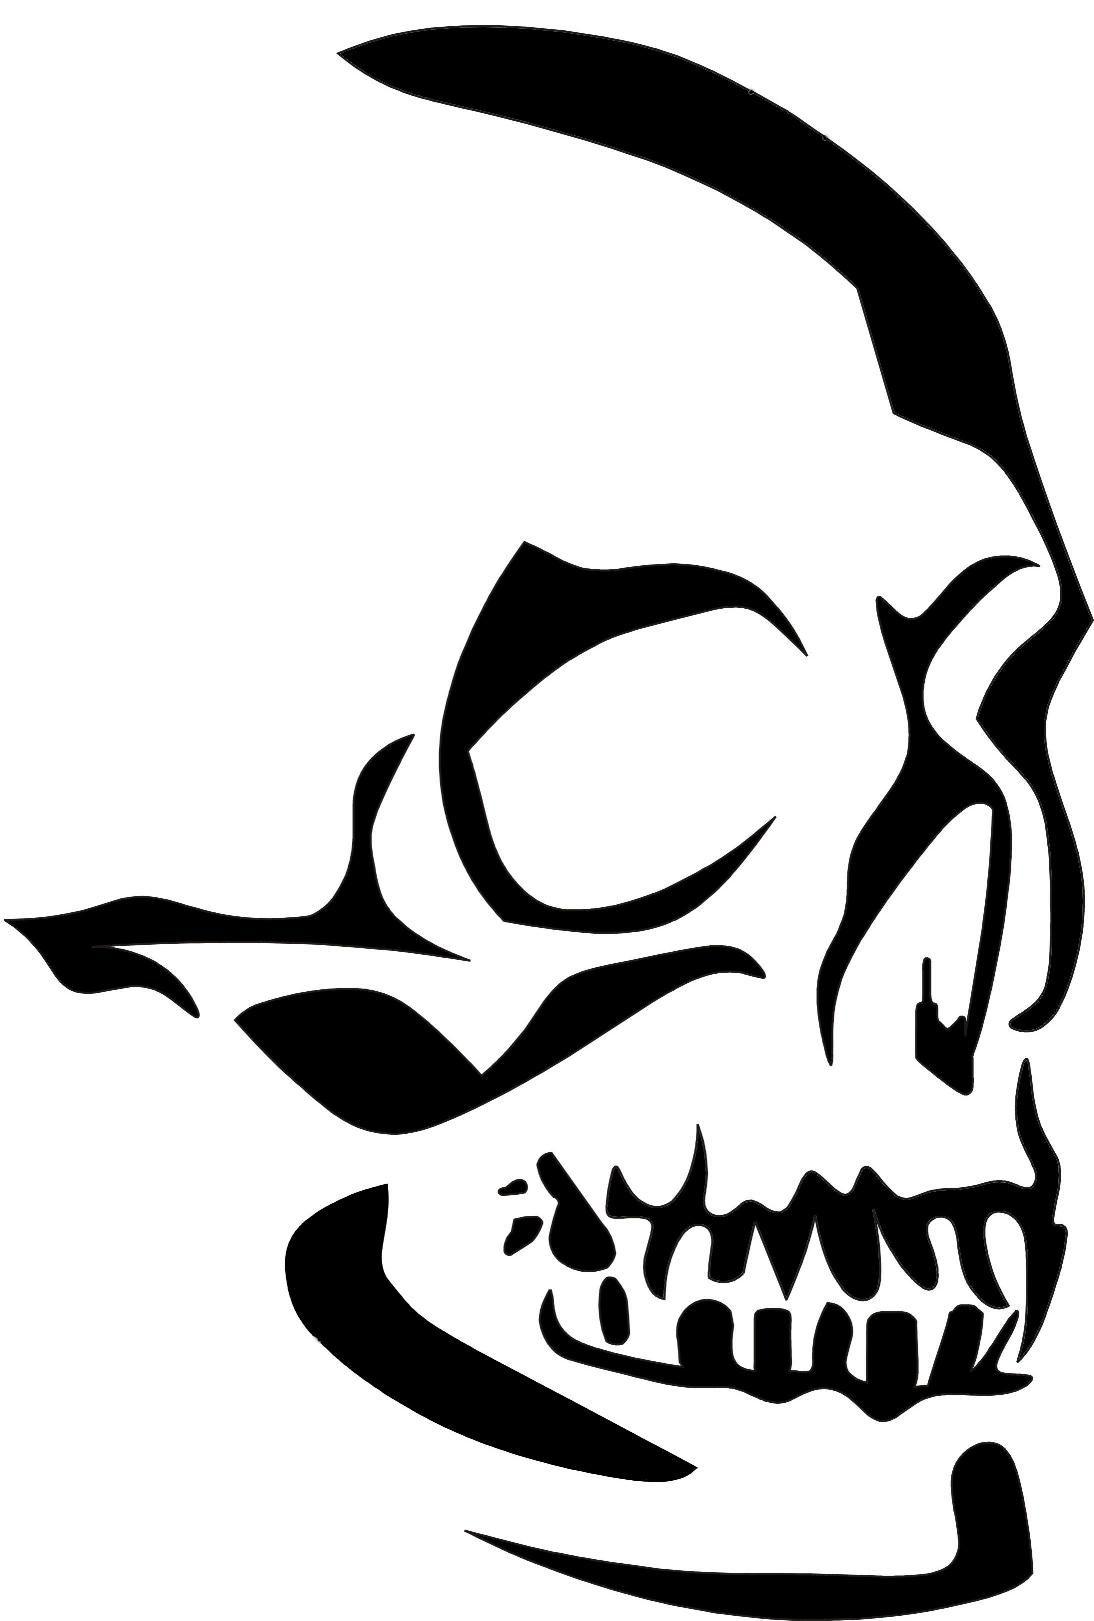 Eigenmarke Stencil Schablone Skullkopf | darquniss | Pinterest ...